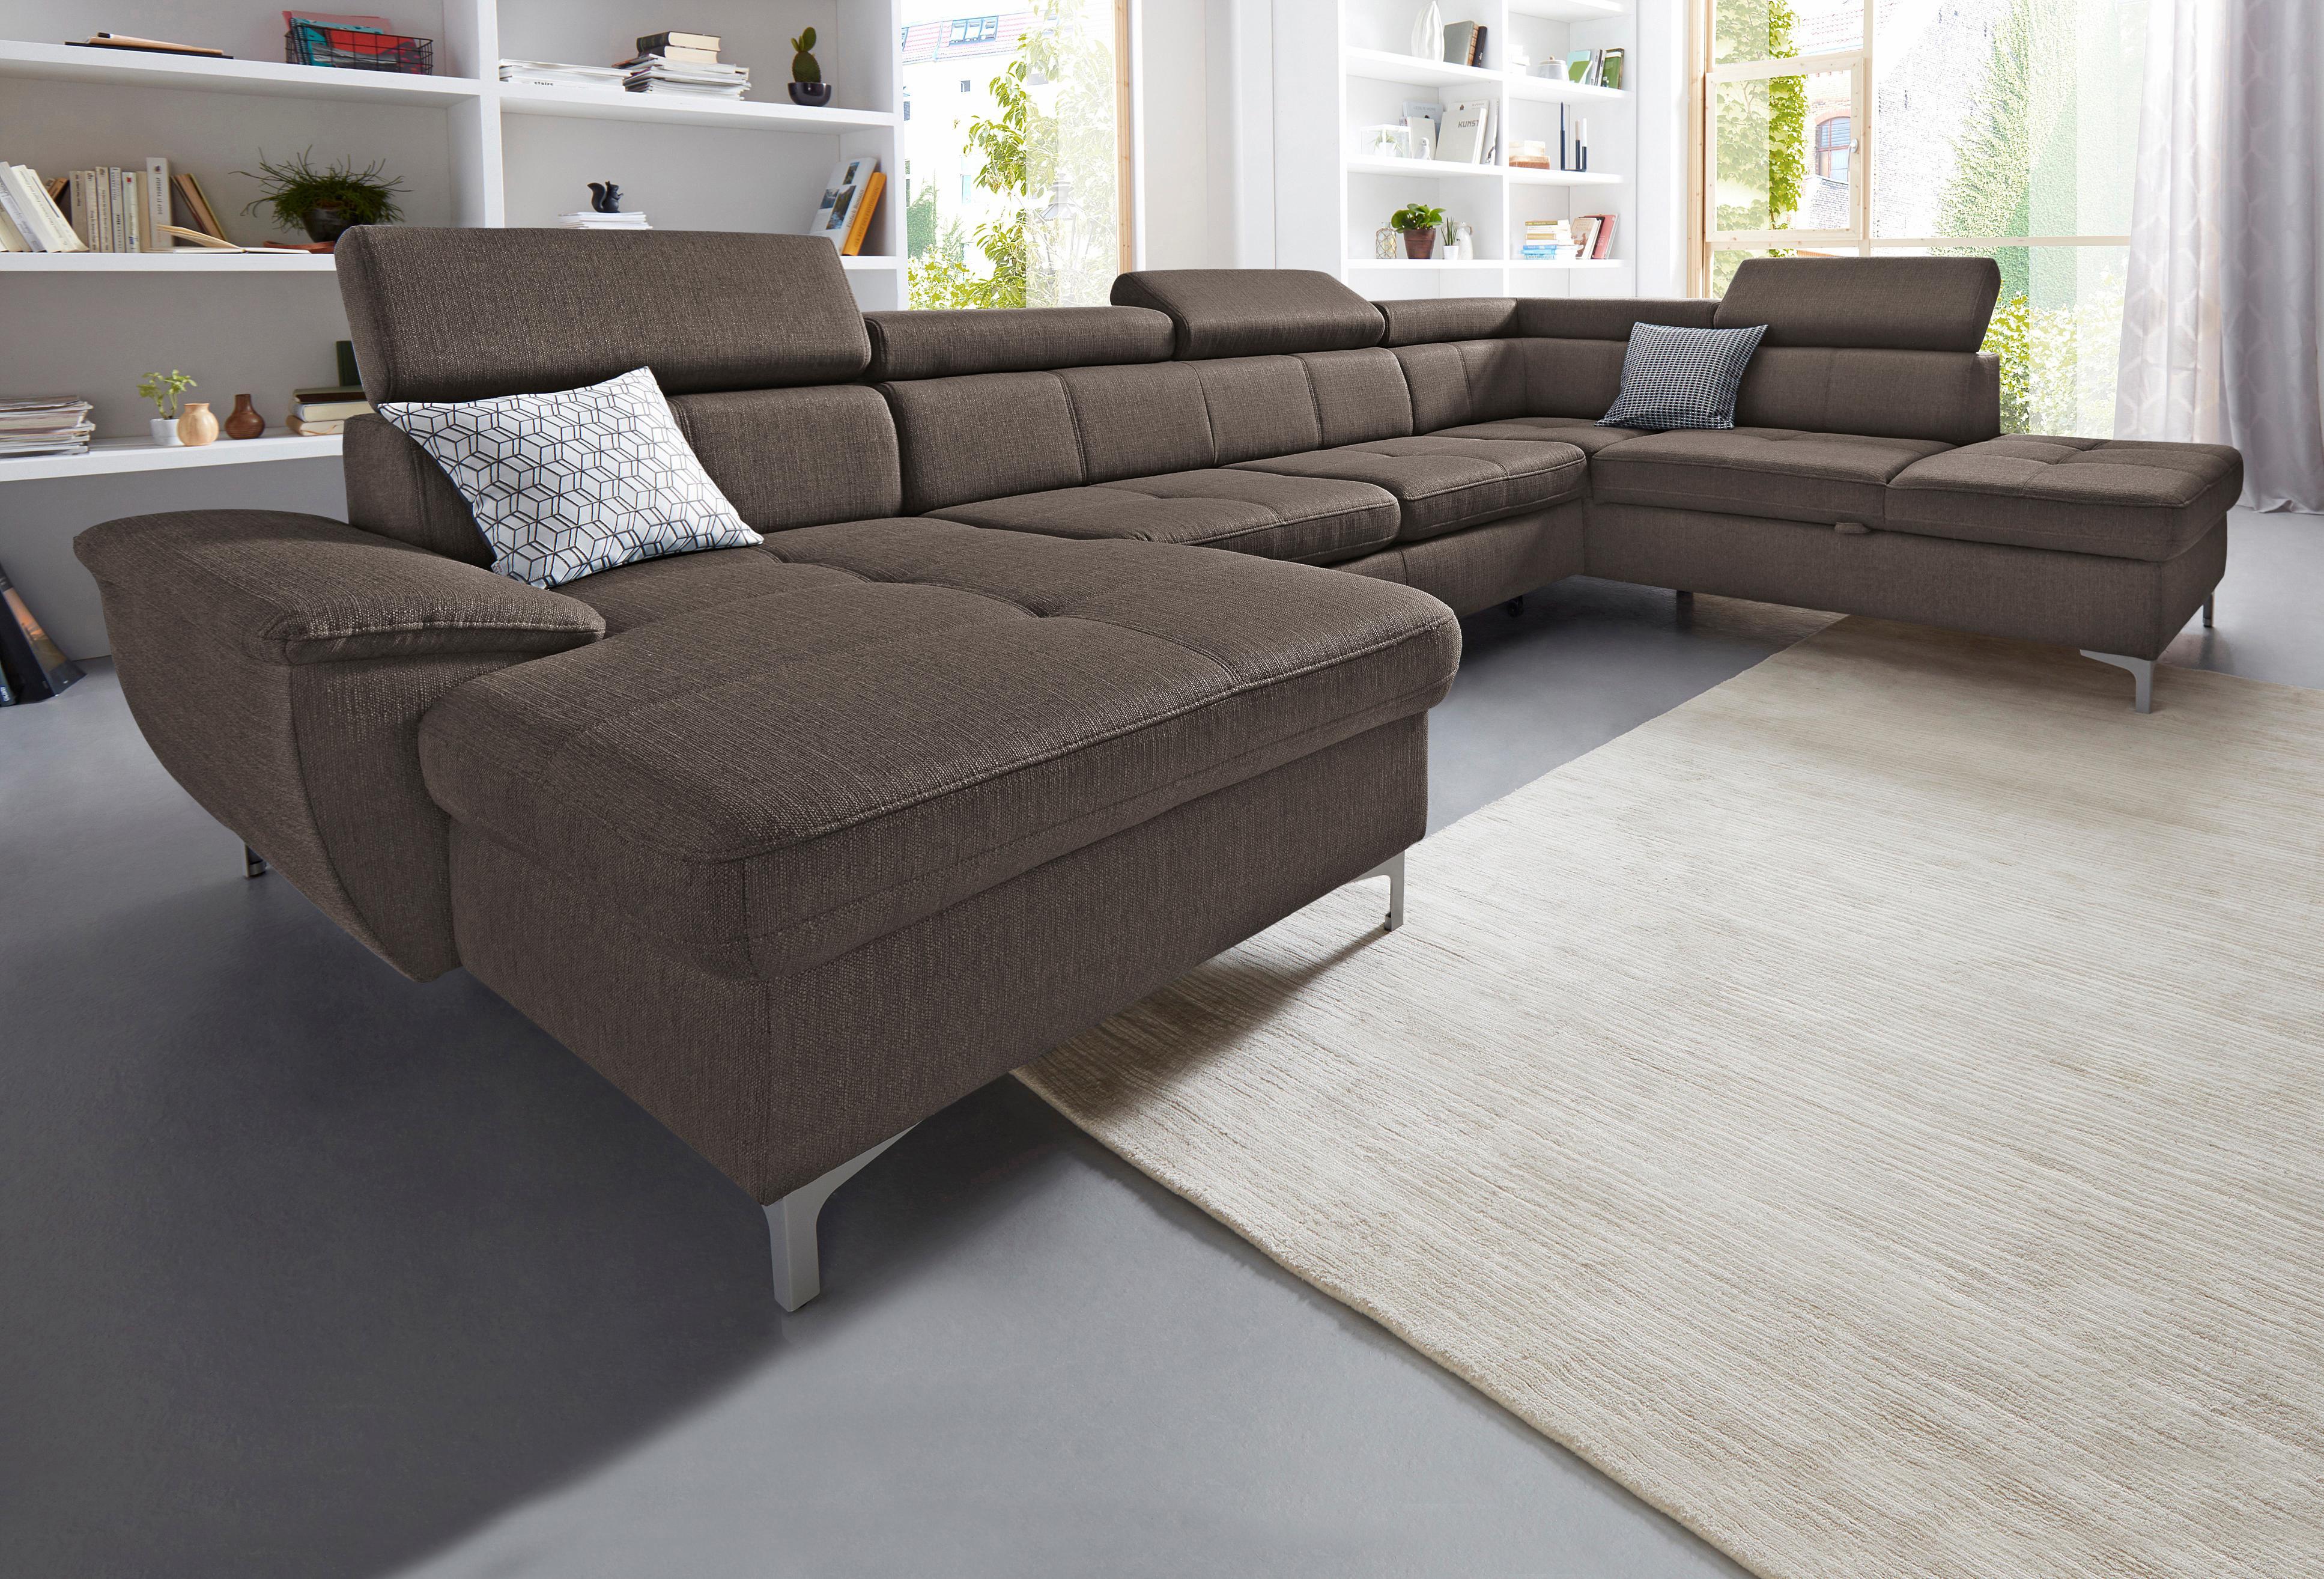 Exxpo Sofa Fashion Wohnlandschaften Online Kaufen Möbel